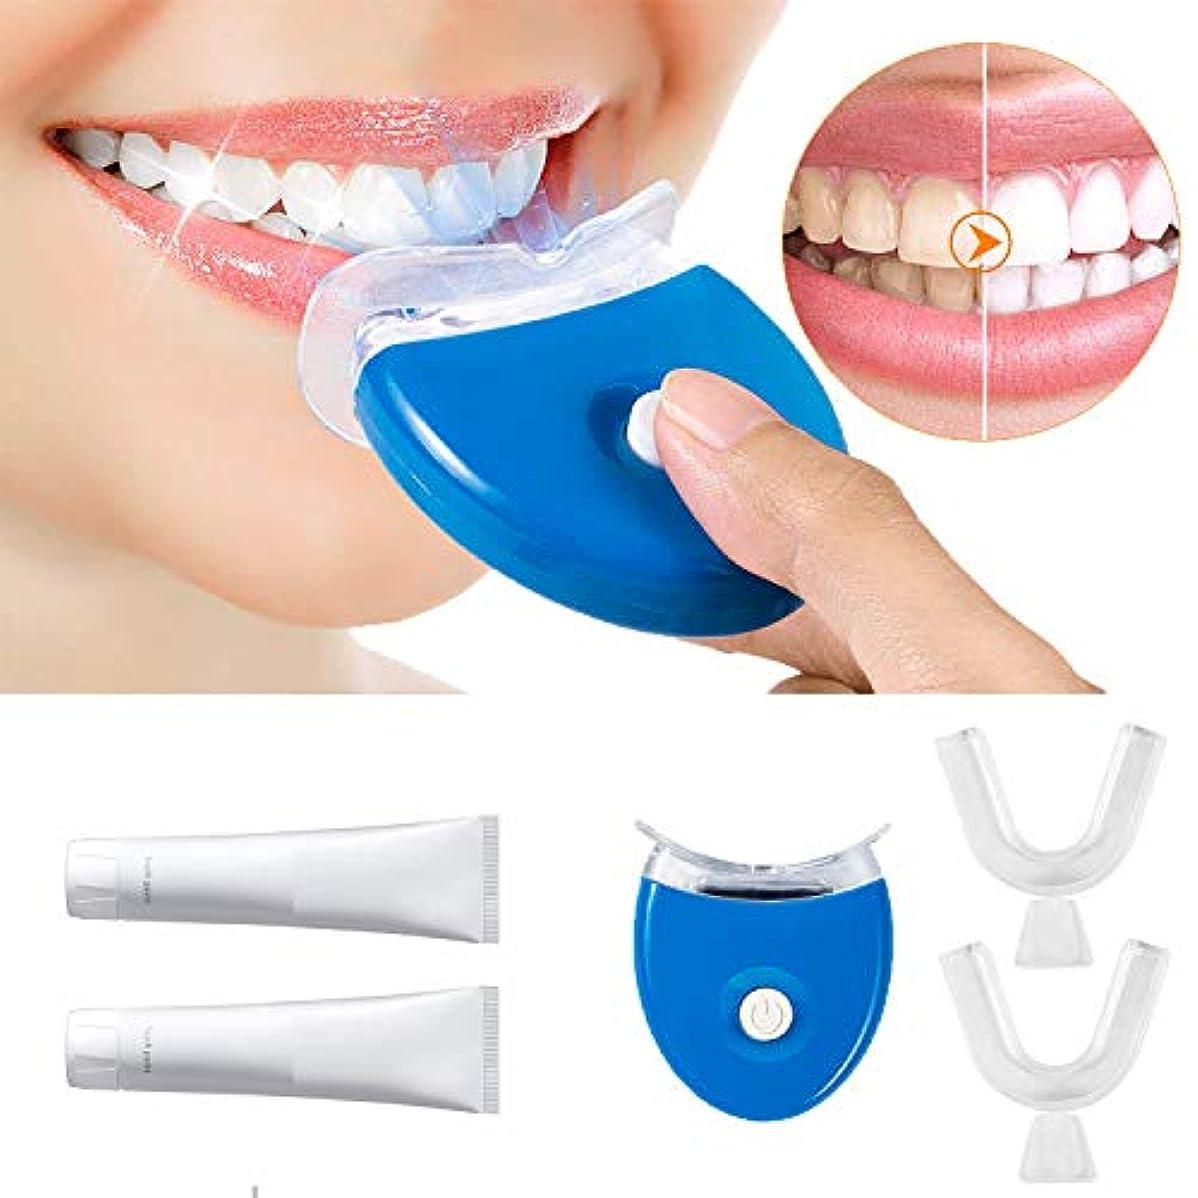 つかの間うめき知性ホワイトニング 歯ホワイトニング器 歯美白器 美歯器 歯 ホワイトニング ホワイトナー ケア 歯の消しゴム 歯科機器 口腔ゲルキット ブルー